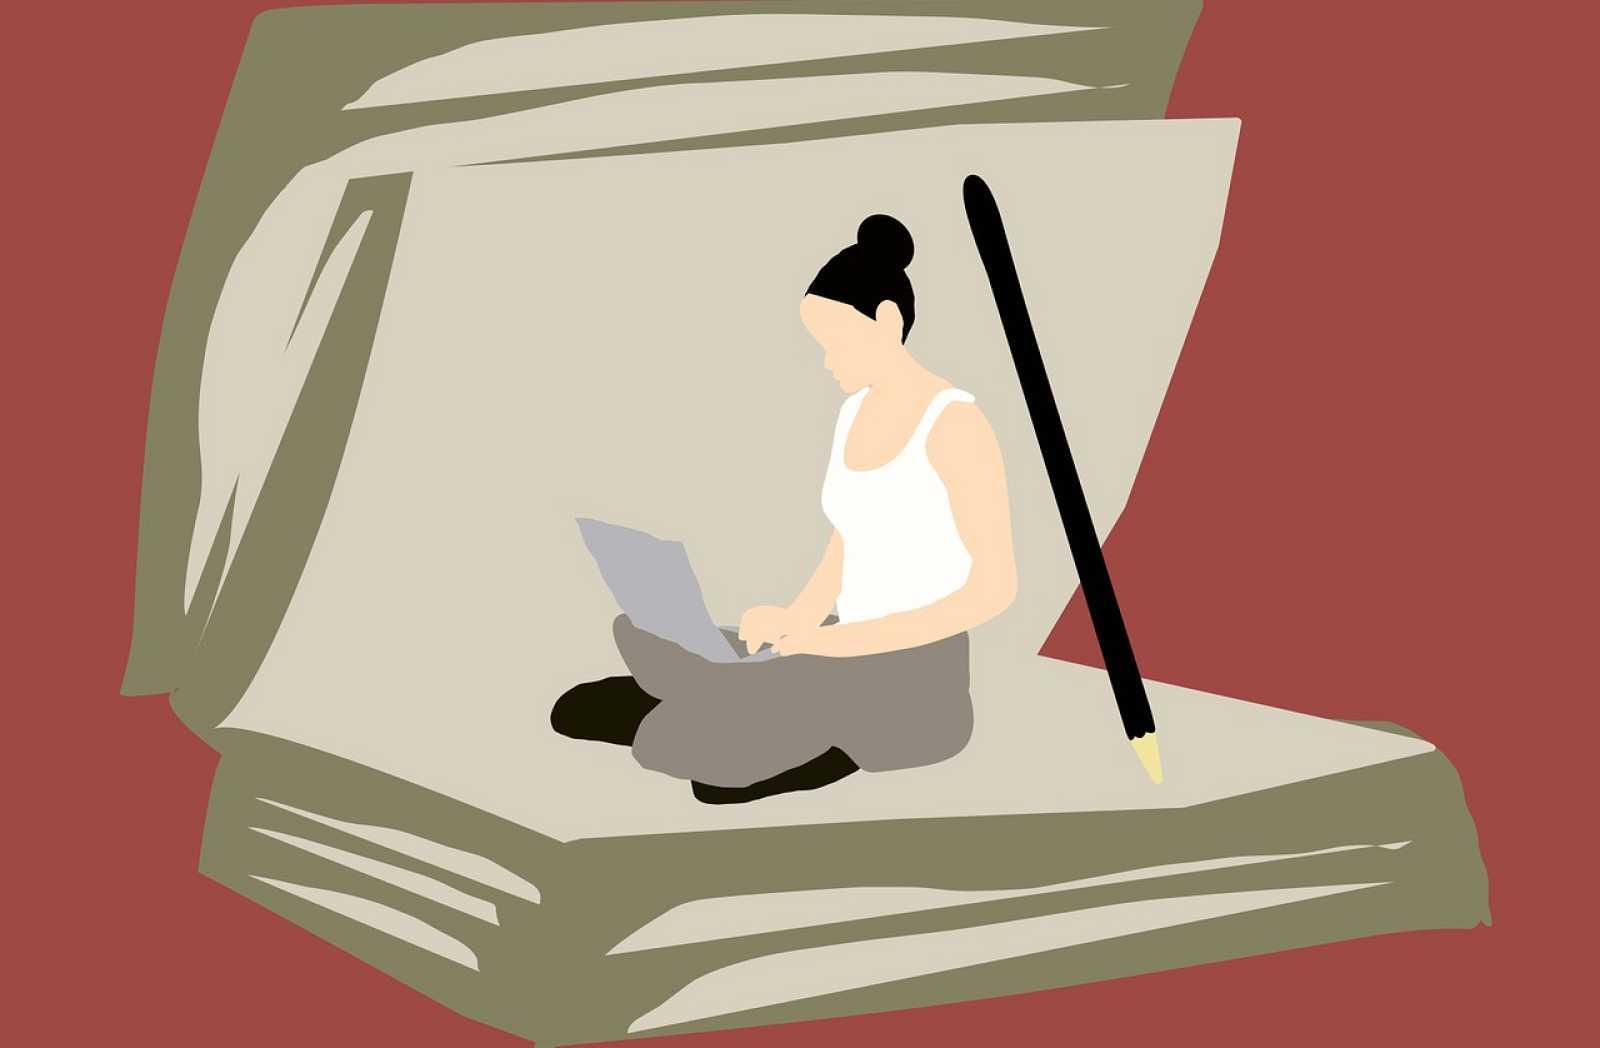 Creando que es gerundio - Derechos de autor, ¿qué debo saber si soy escritor? - 23/02/21 - Escuchar ahora